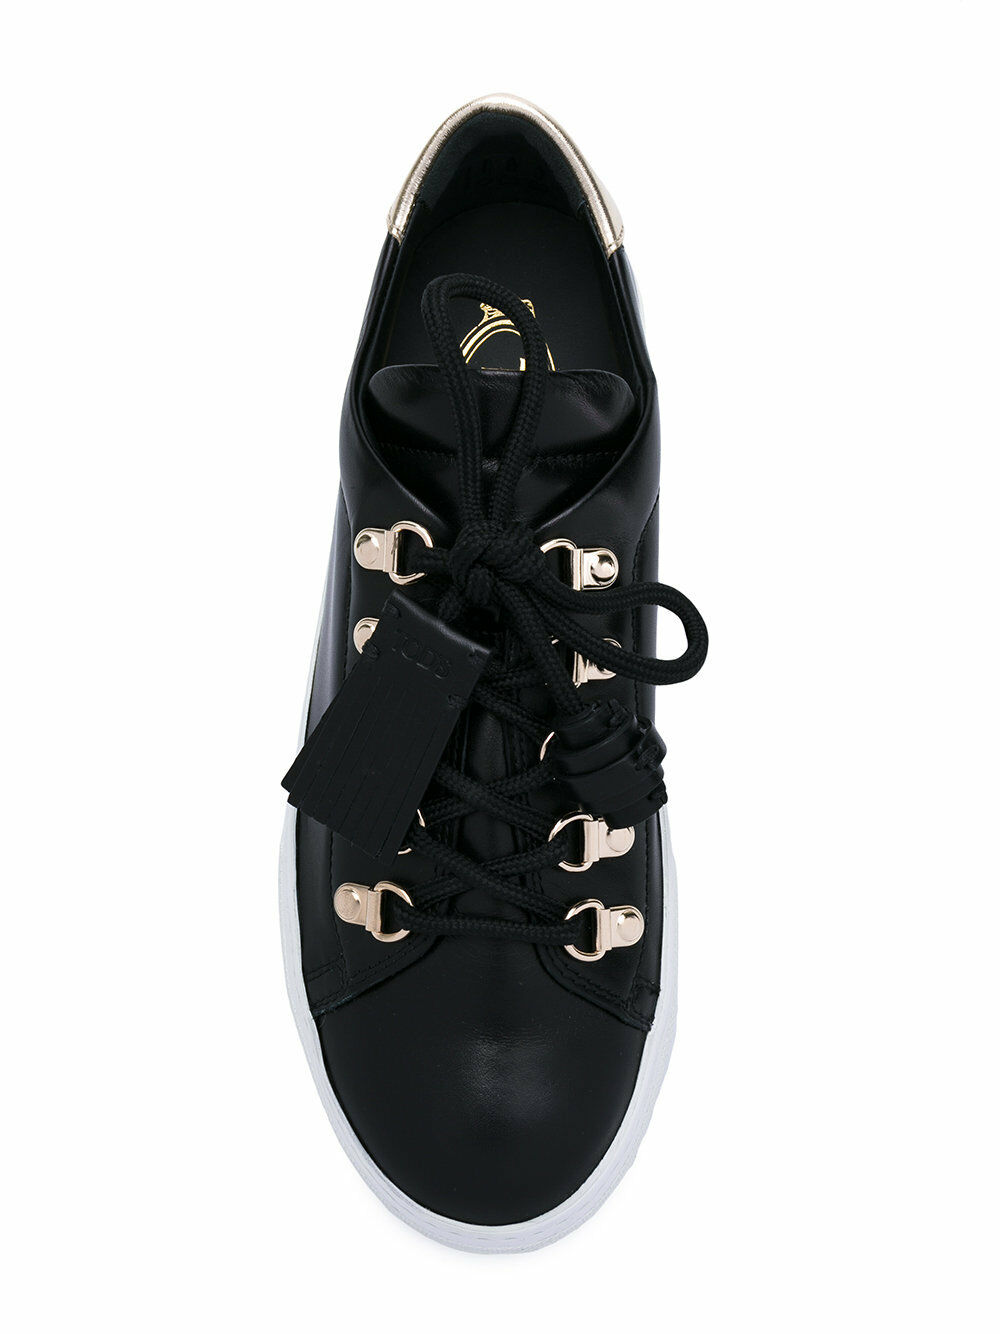 NIB Tod's  Tassel Sneaker in Black Leather, Size 40, US 10